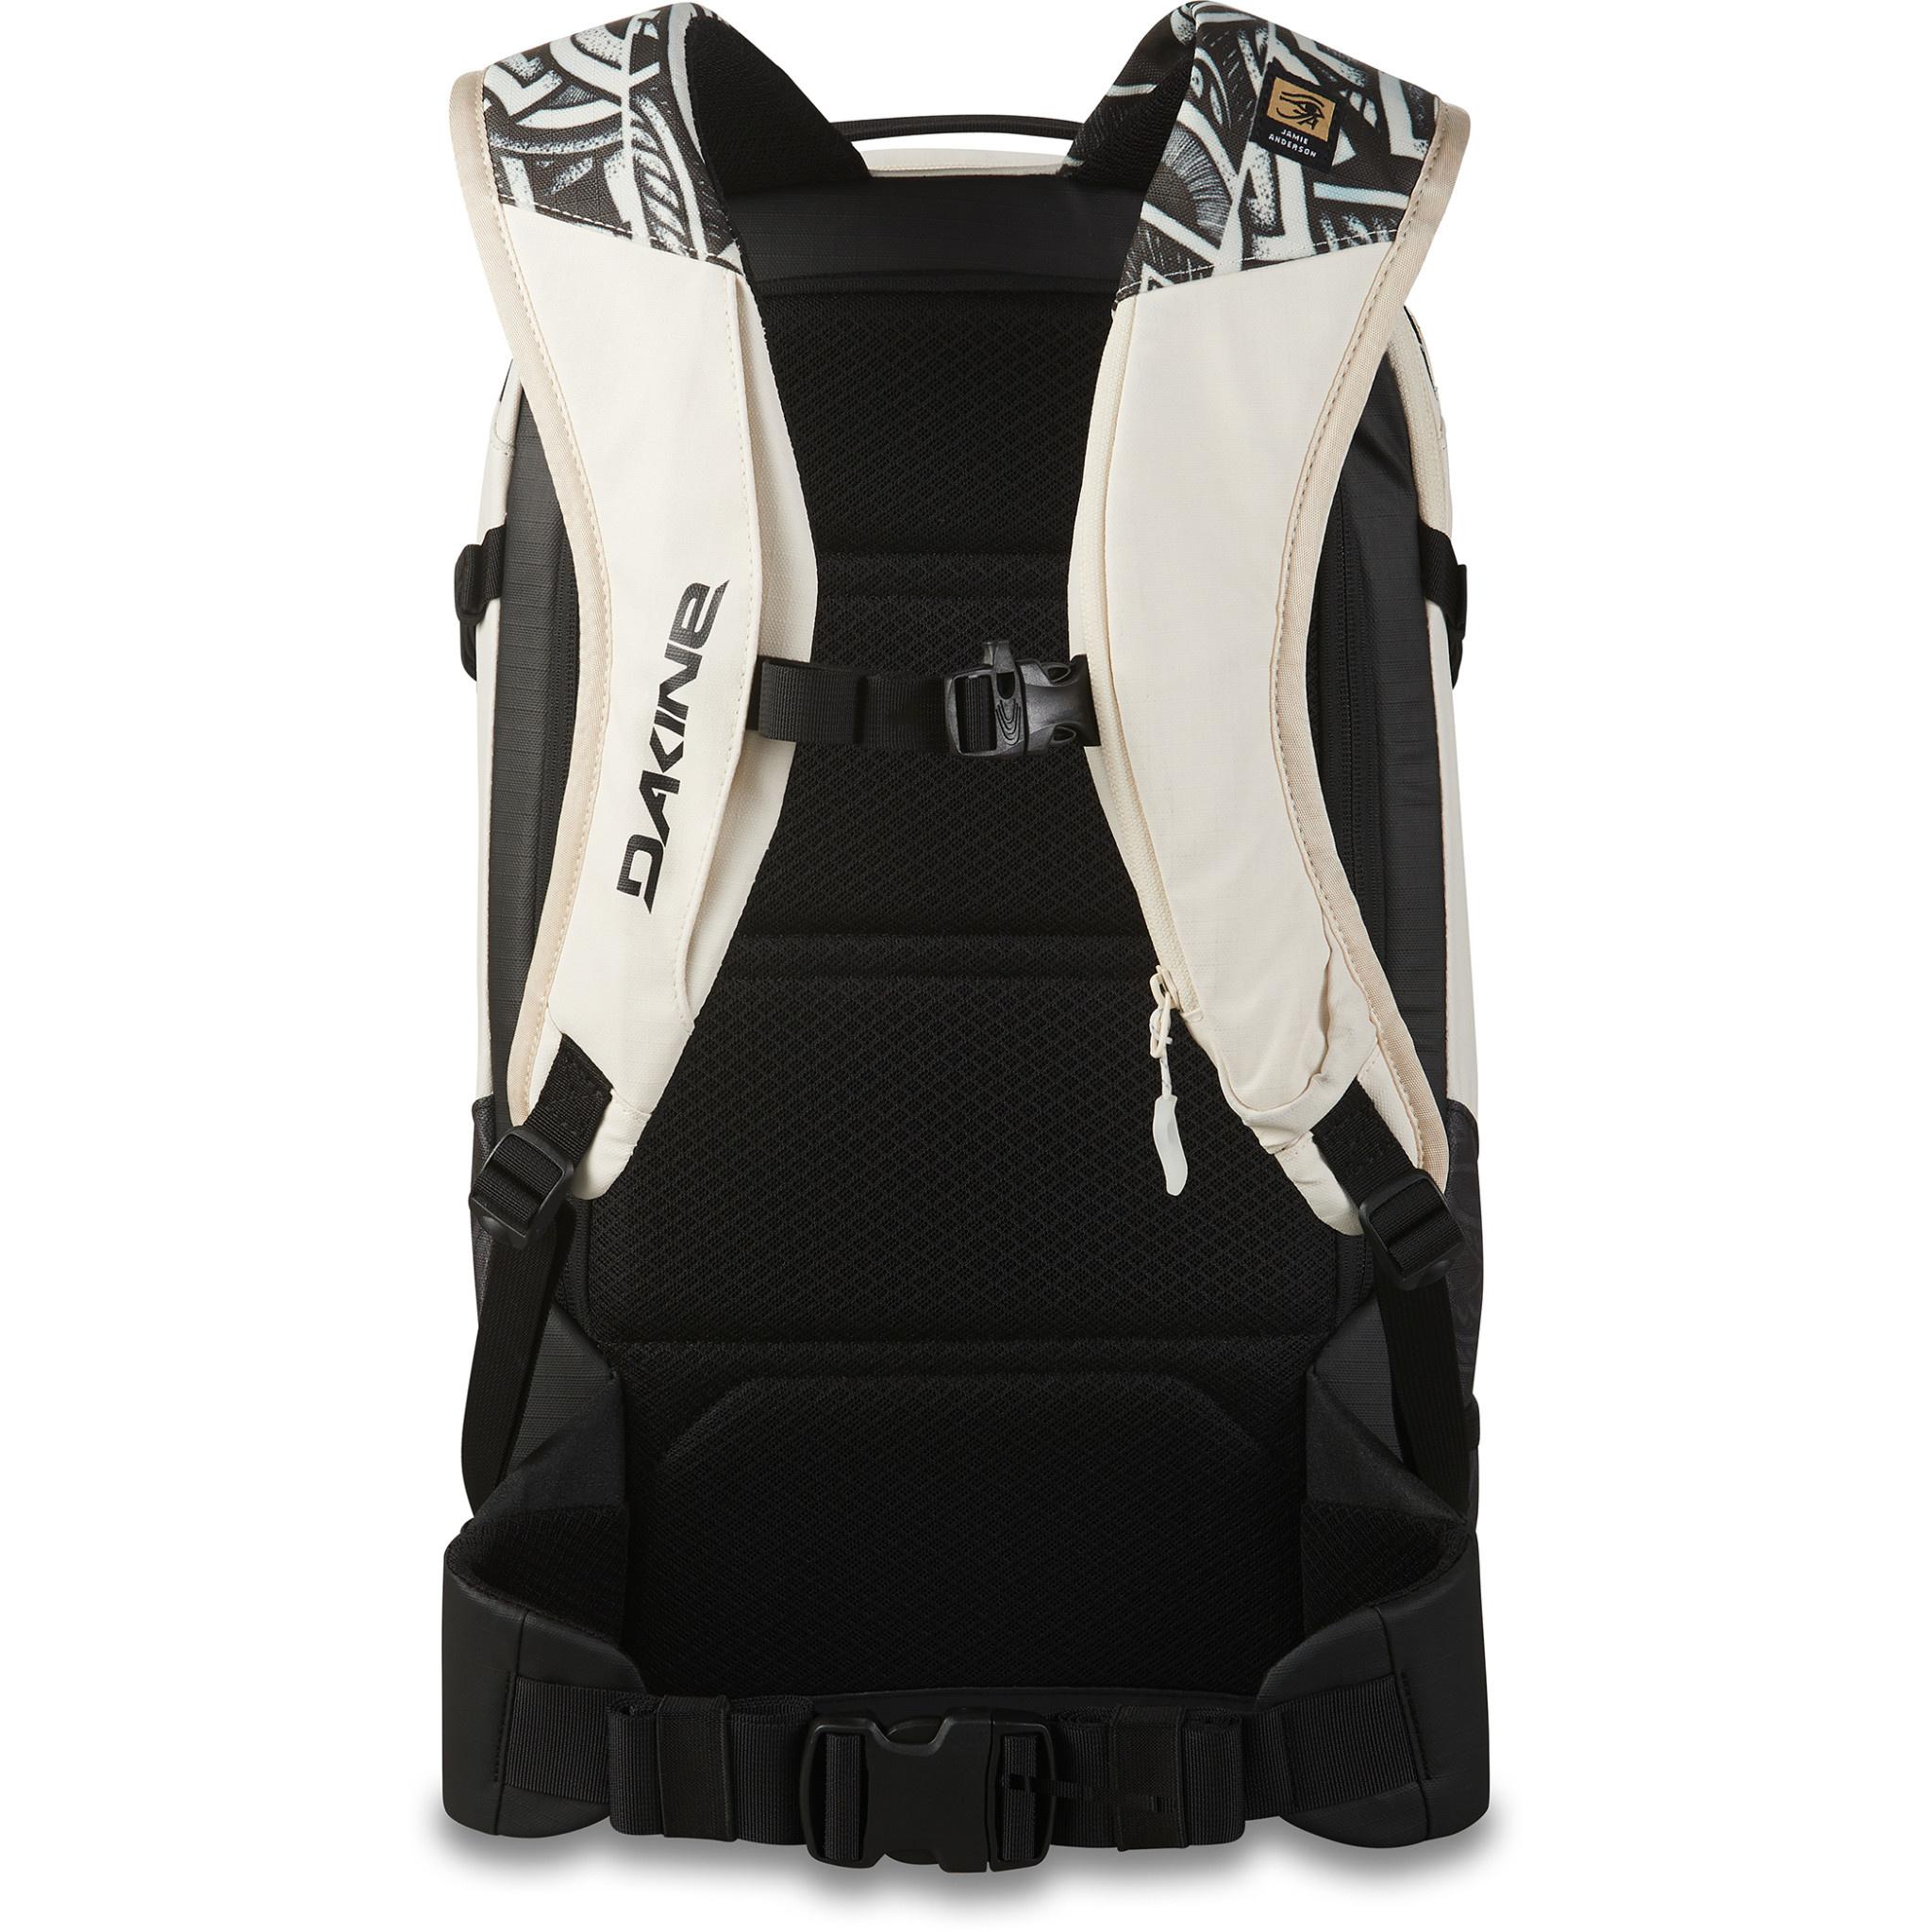 Dakine Dakine Women's Team Heli Pro 24L Backpack